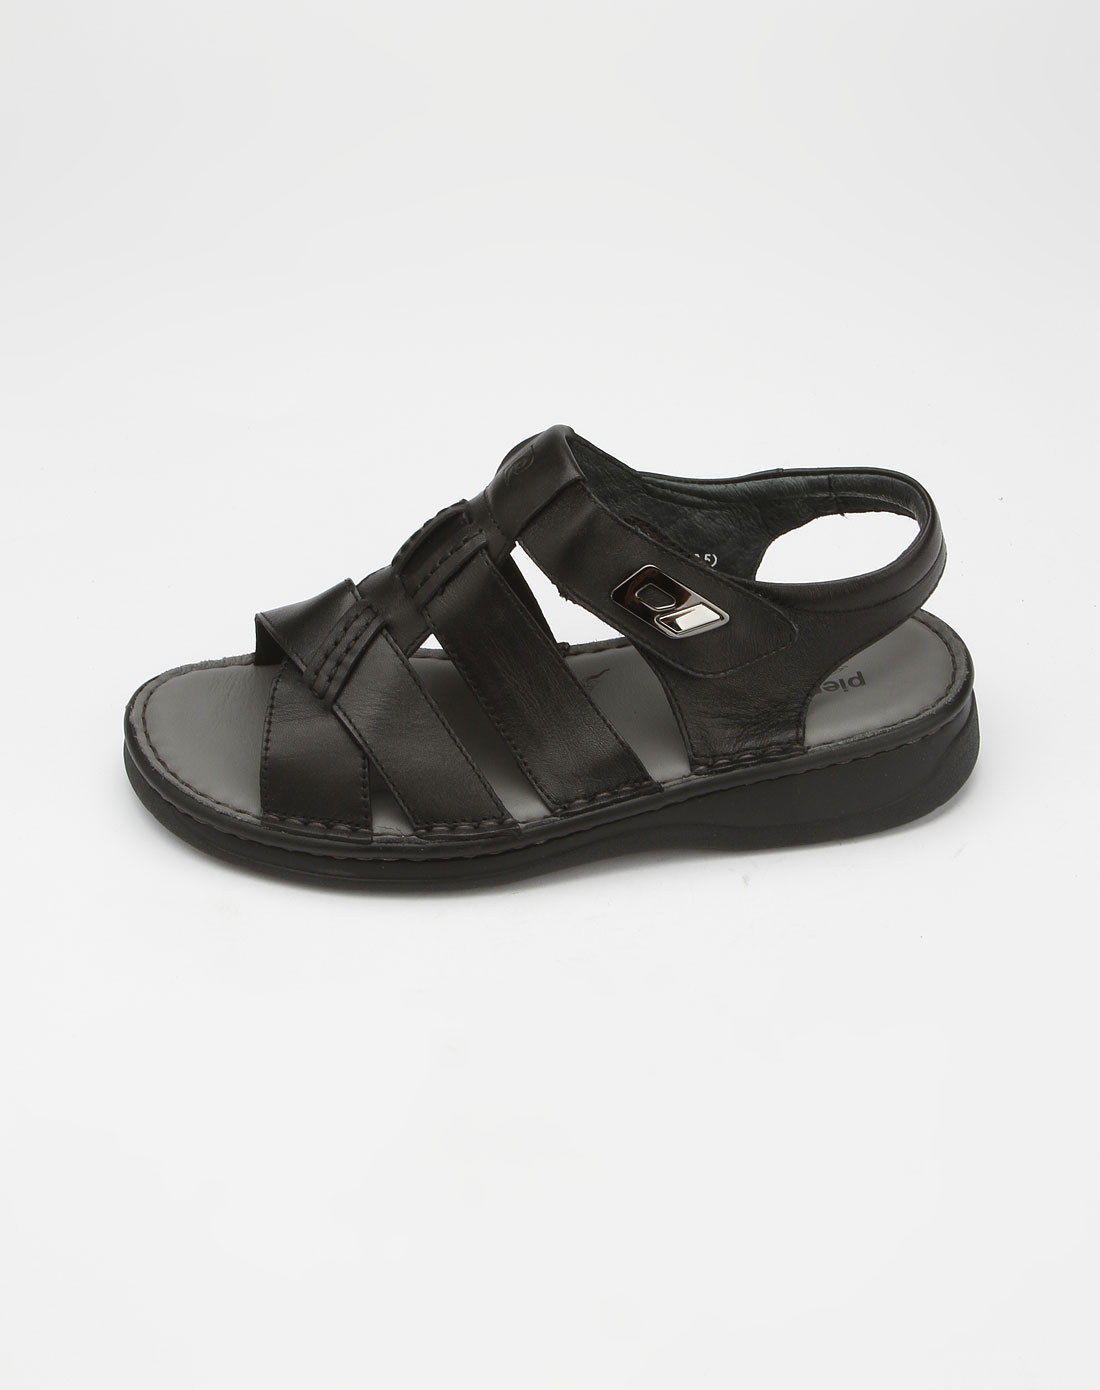 cardin-男款黑色时尚凉鞋